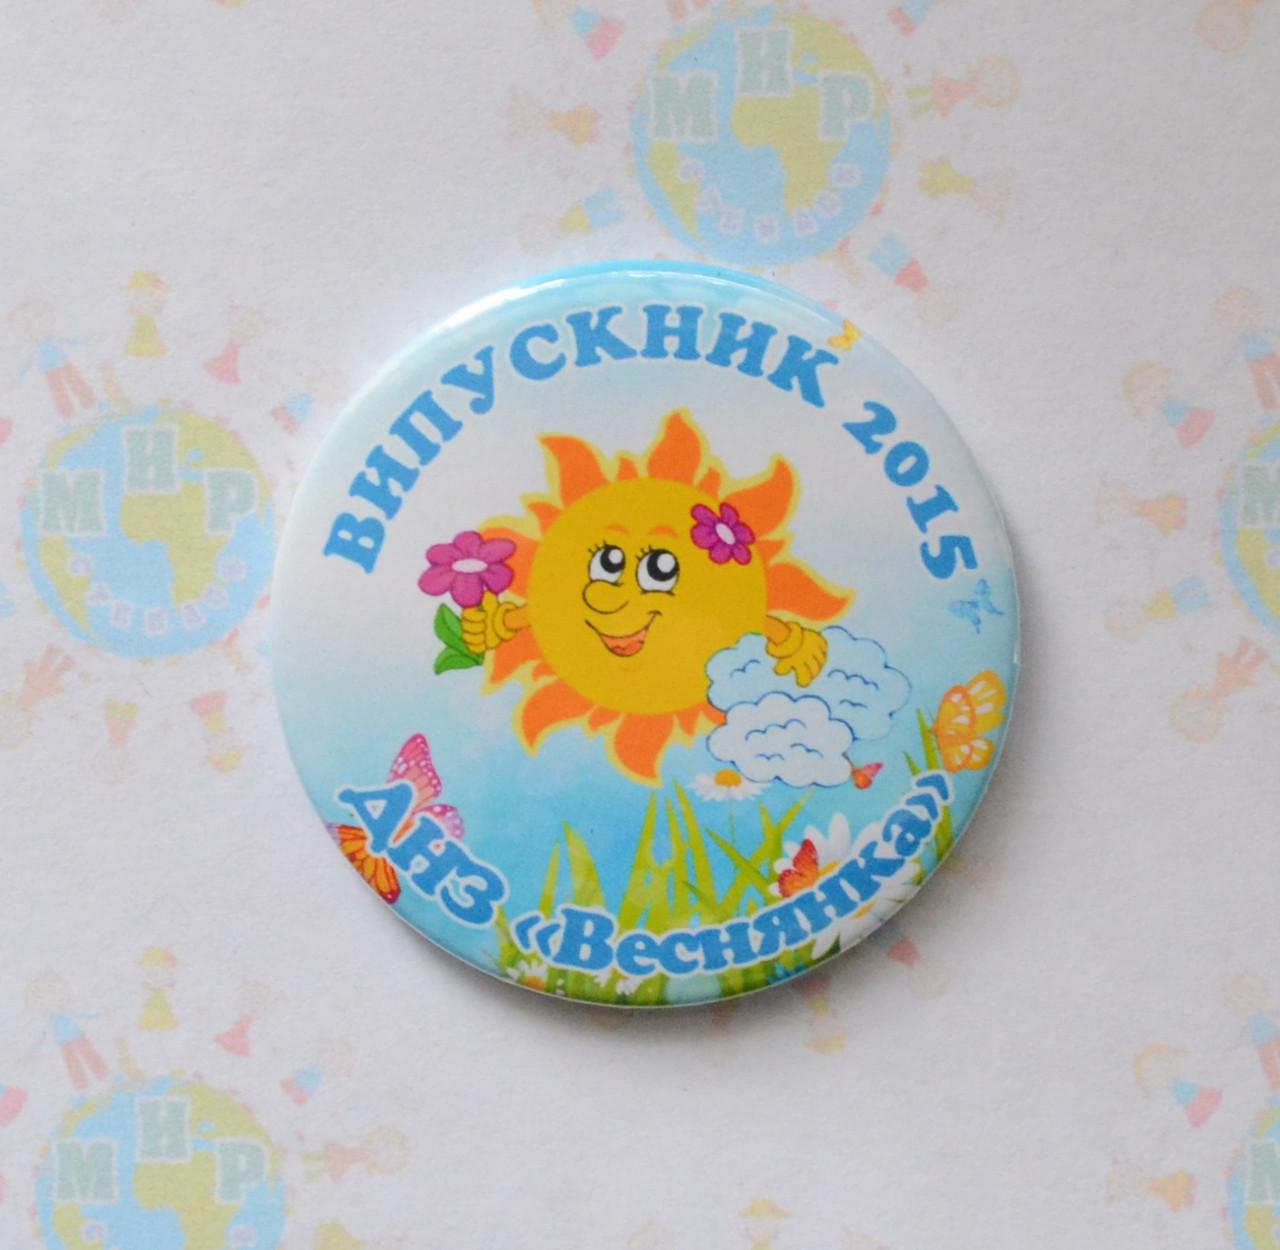 Значки Для выпускников детского сада группы Веснянка